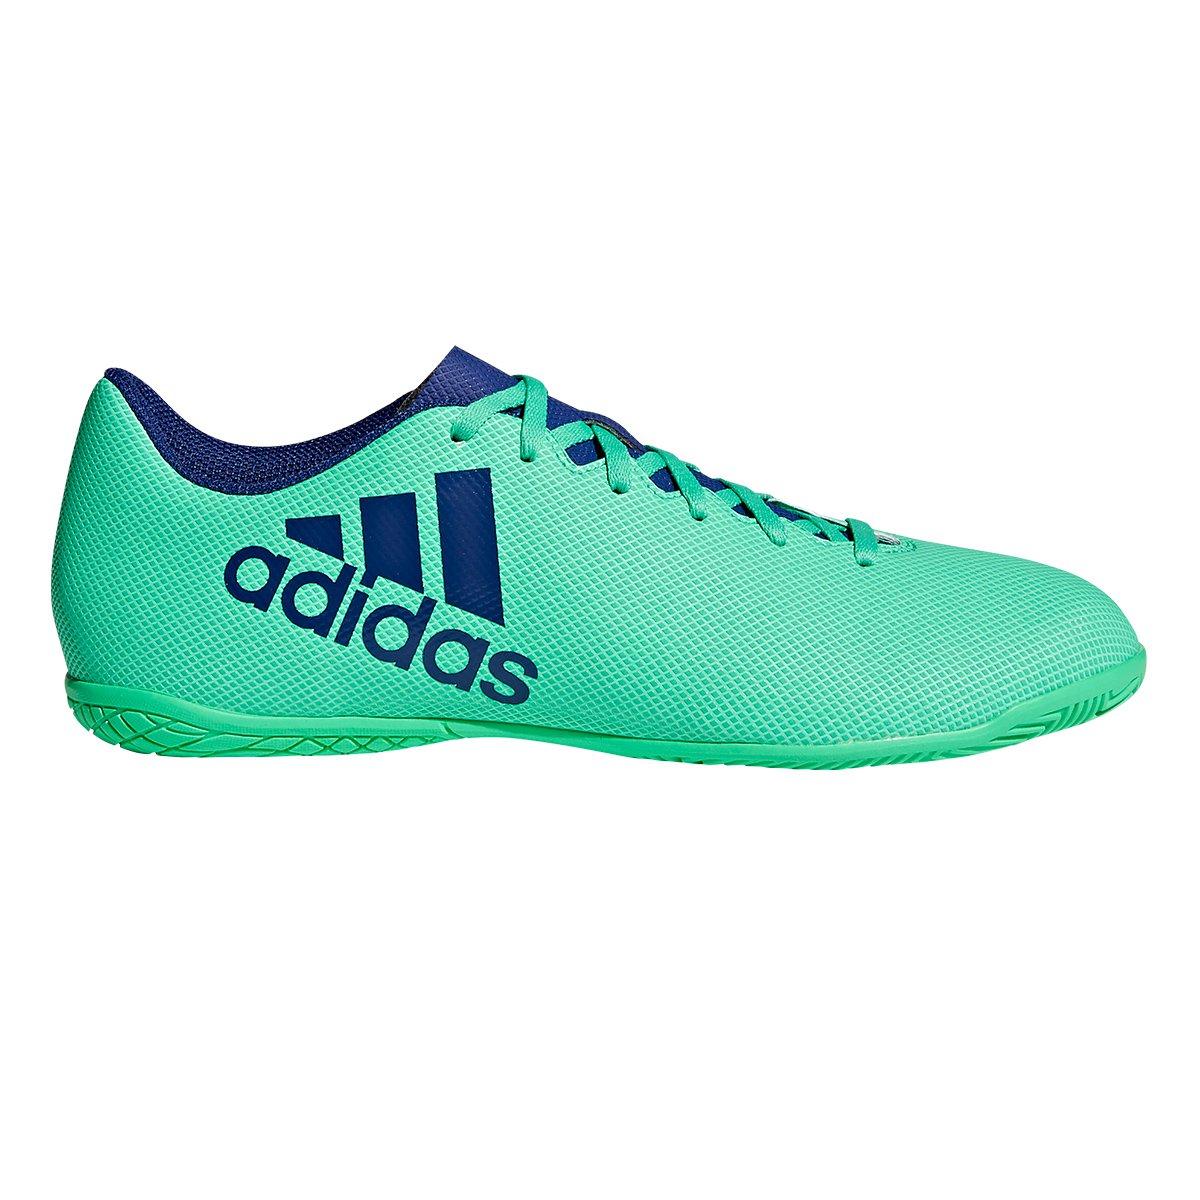 Chuteira Futsal Adidas X 17.4 IN - Verde e Azul - Compre Agora ... 032d02caf0bf7